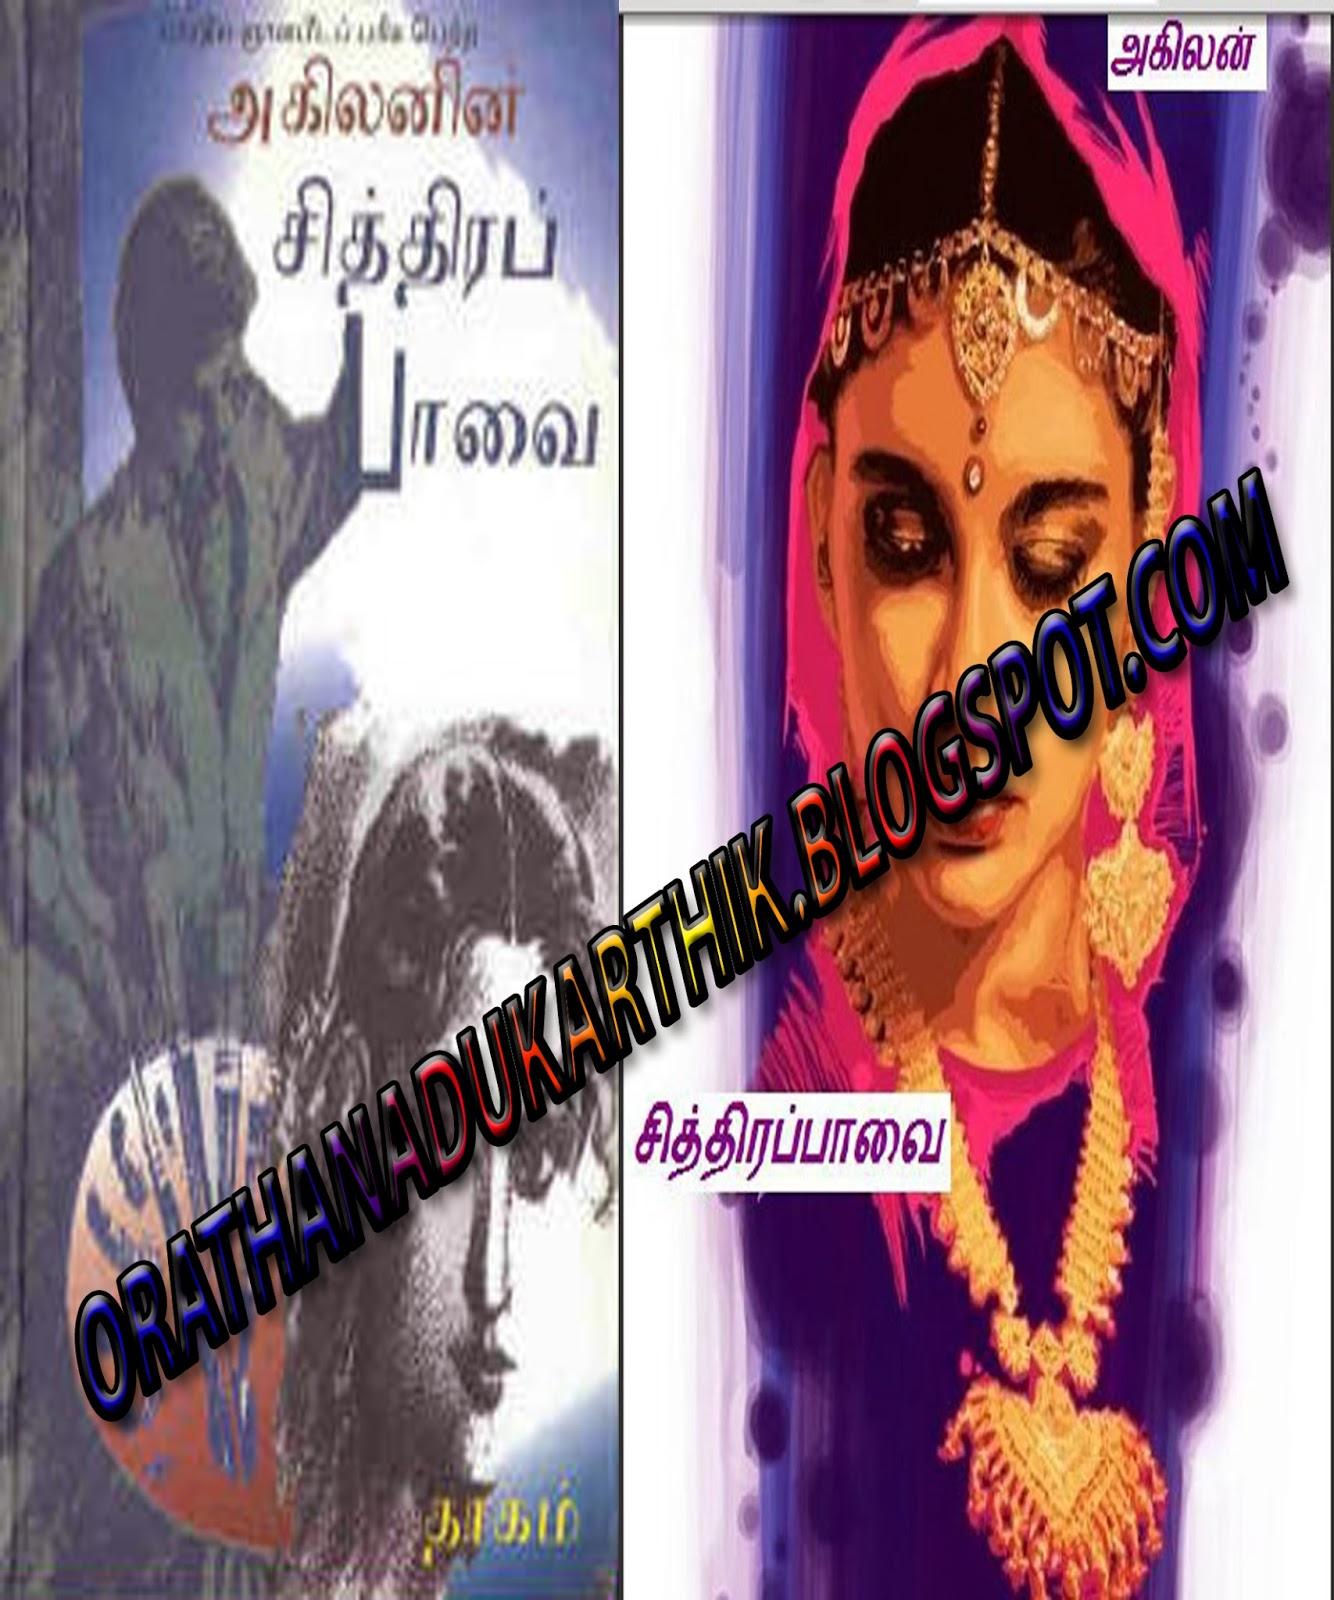 அகிலன்-சித்திரப்பாவை PAVAI